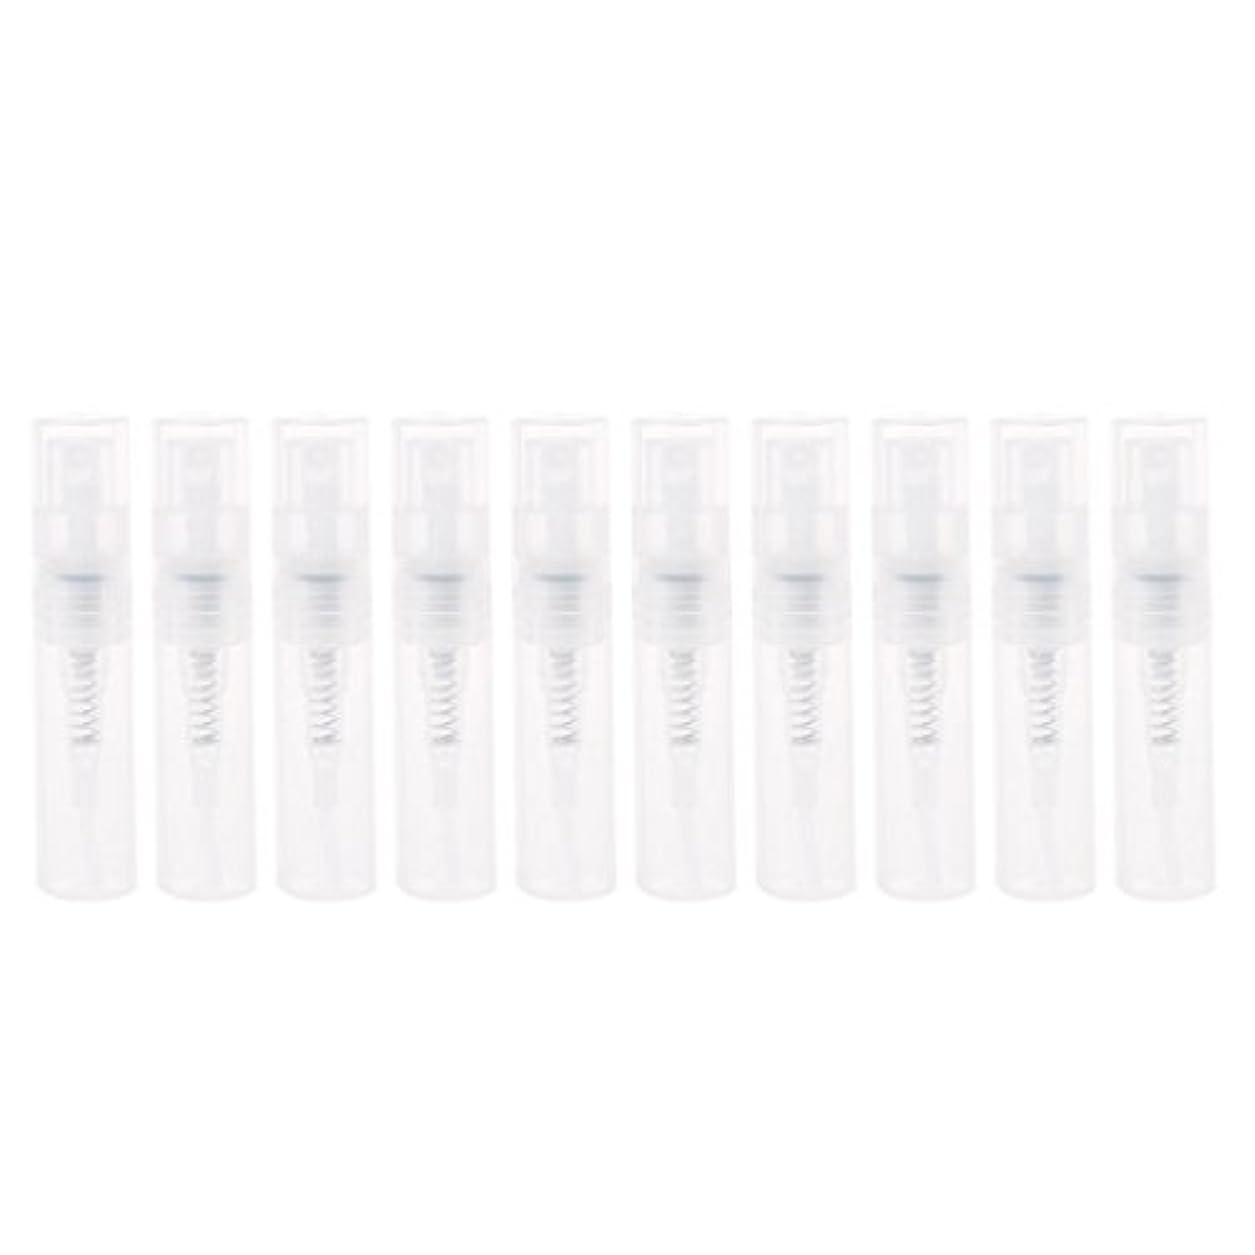 チャーター地平線通行人Dabixx 2ml小さいプラスチック香水スプレーの空のびんの化粧品の容器のスプレーボトル